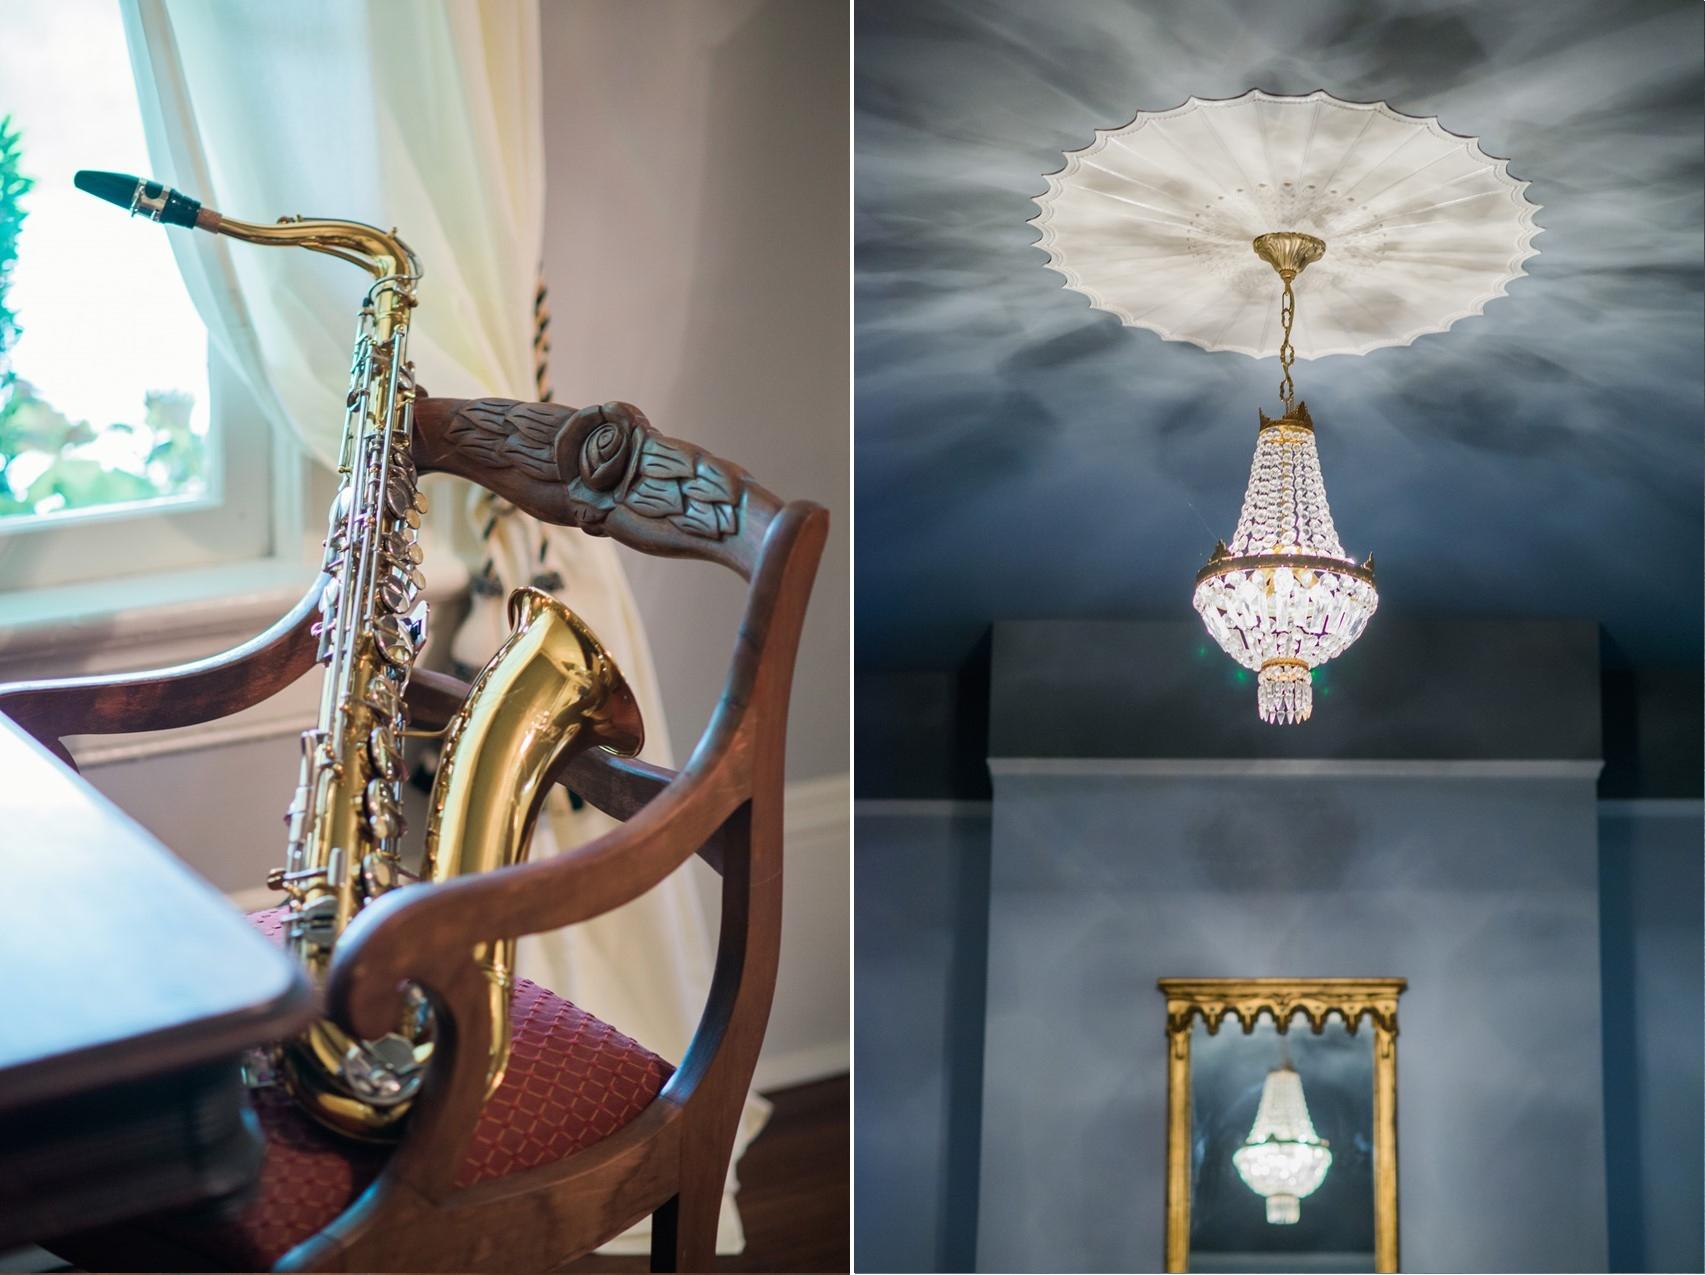 Art Deco Wedding - Stylish Jazz Age Wedding inspiration Full of Decadence